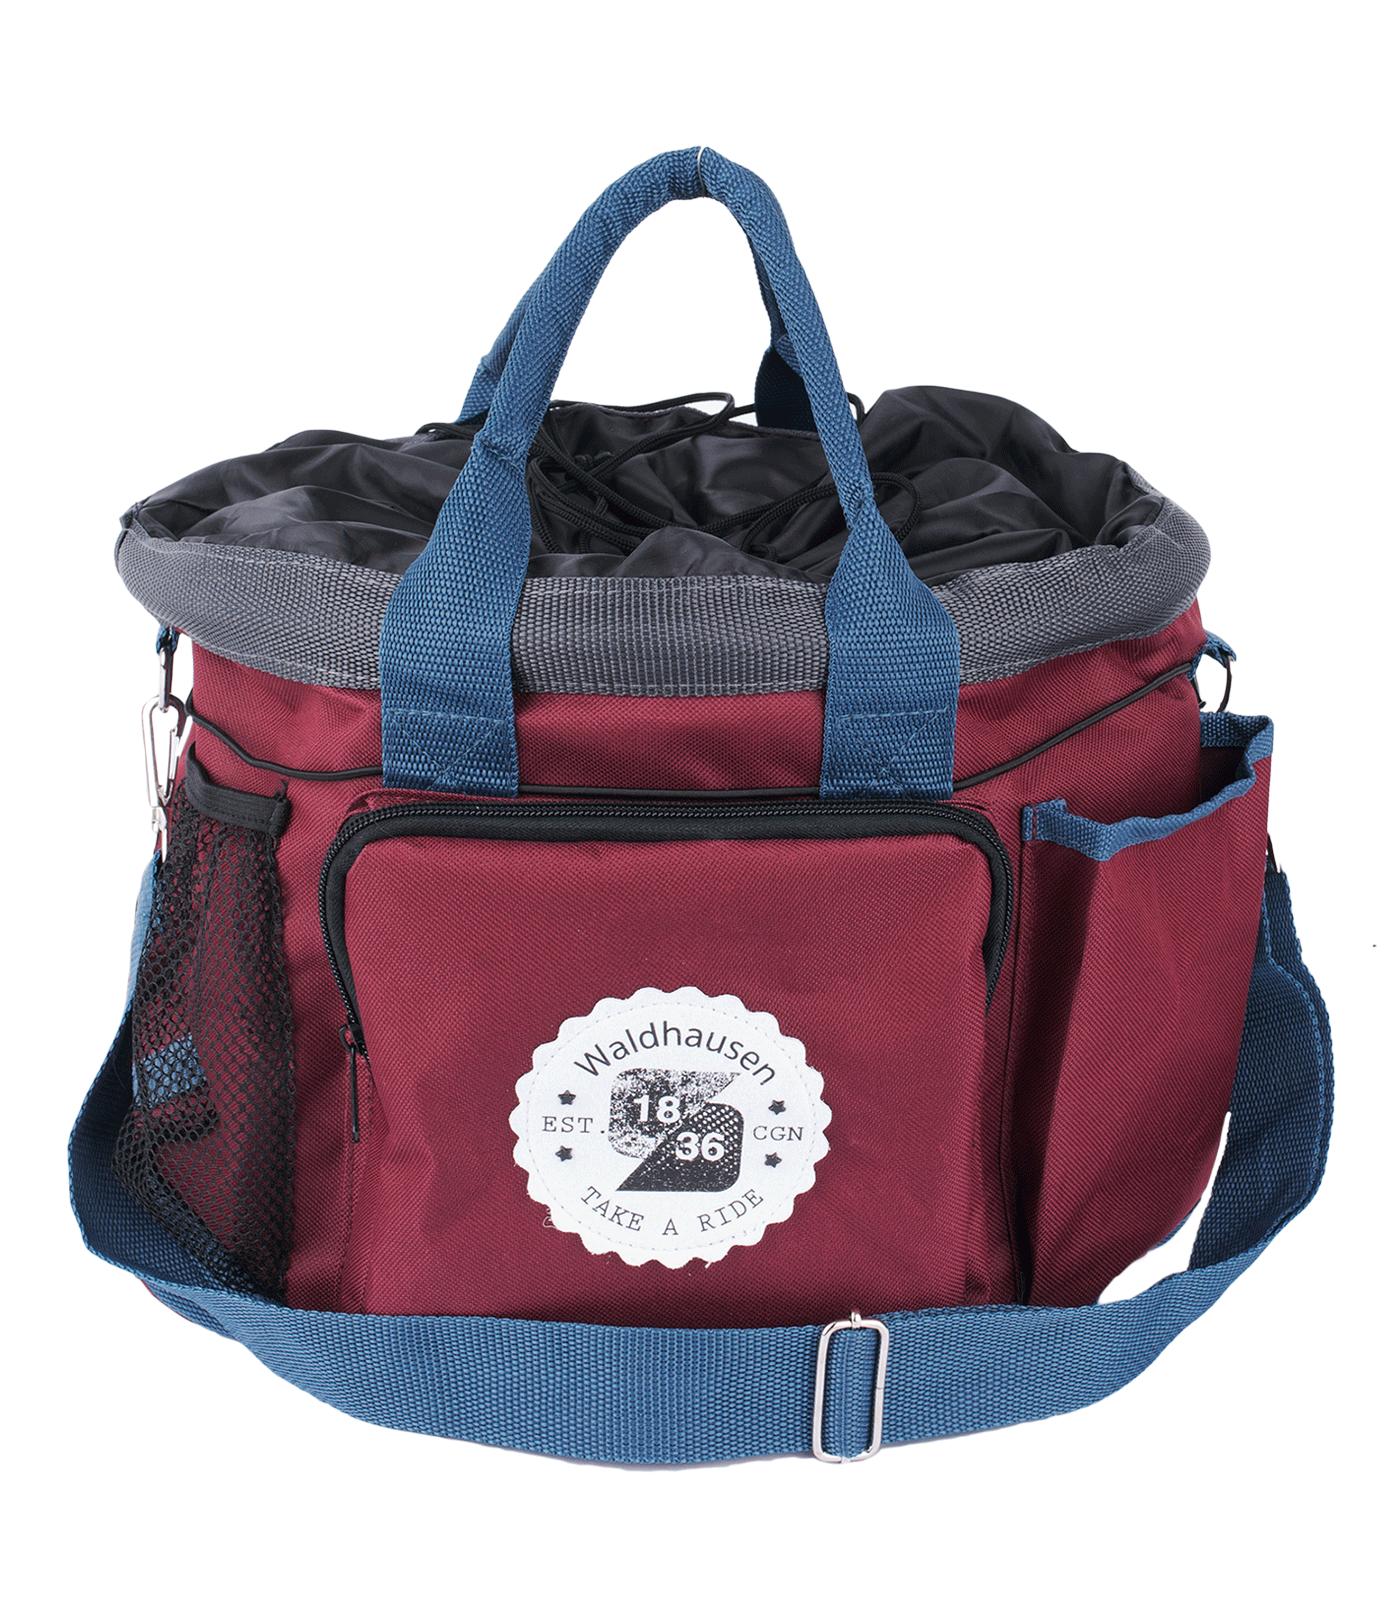 Waldenhausen Waldhausen Grooming Bag